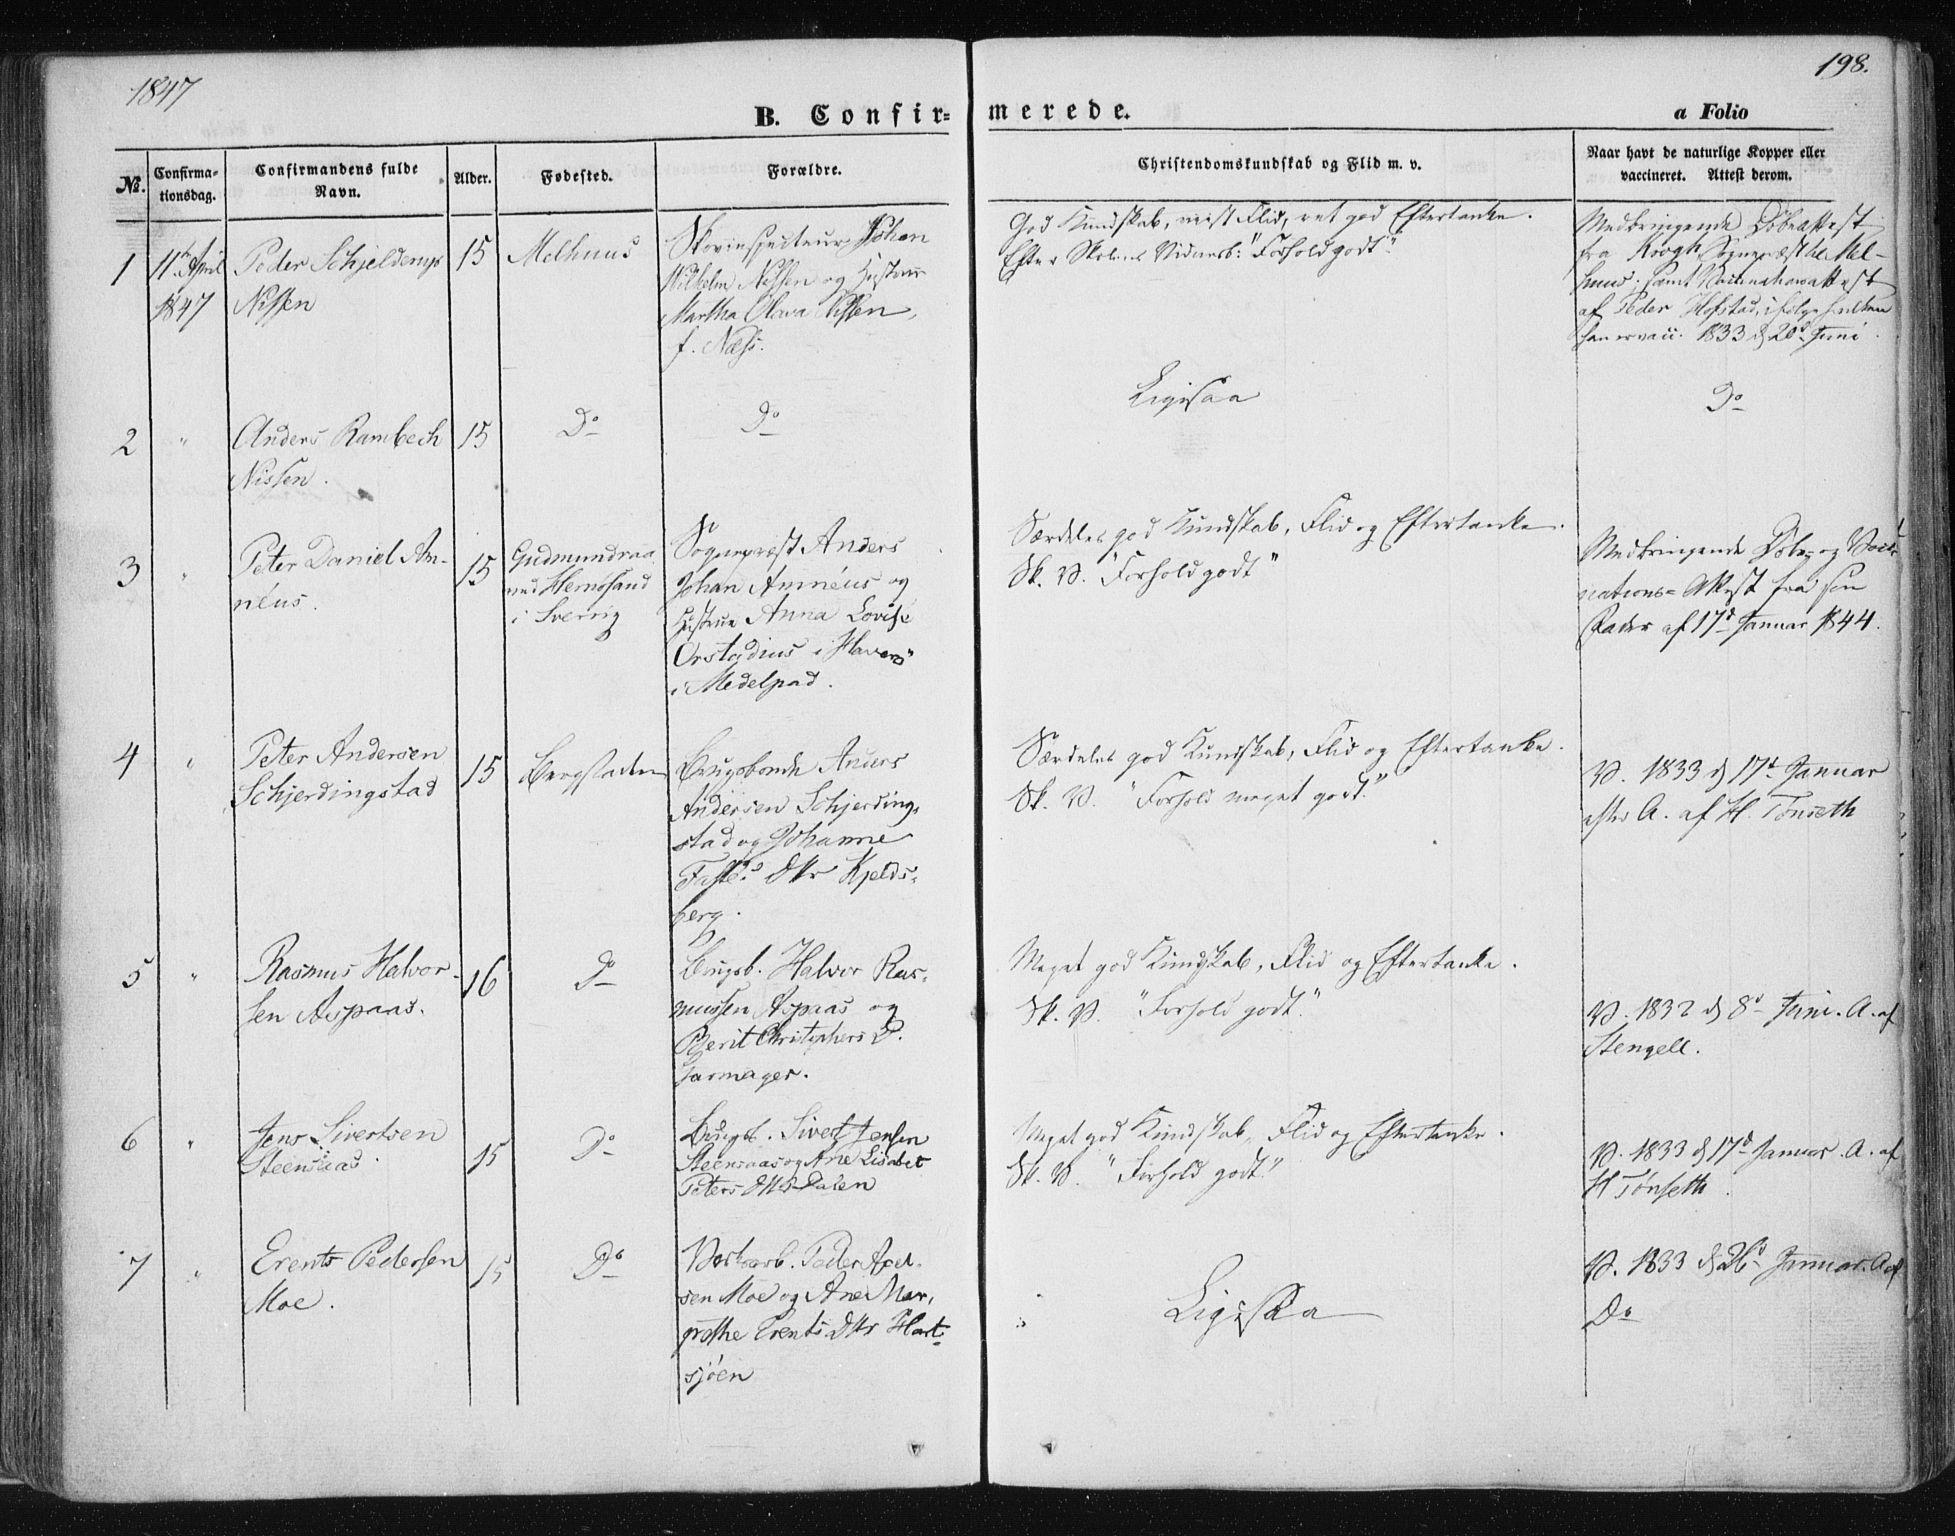 SAT, Ministerialprotokoller, klokkerbøker og fødselsregistre - Sør-Trøndelag, 681/L0931: Ministerialbok nr. 681A09, 1845-1859, s. 198